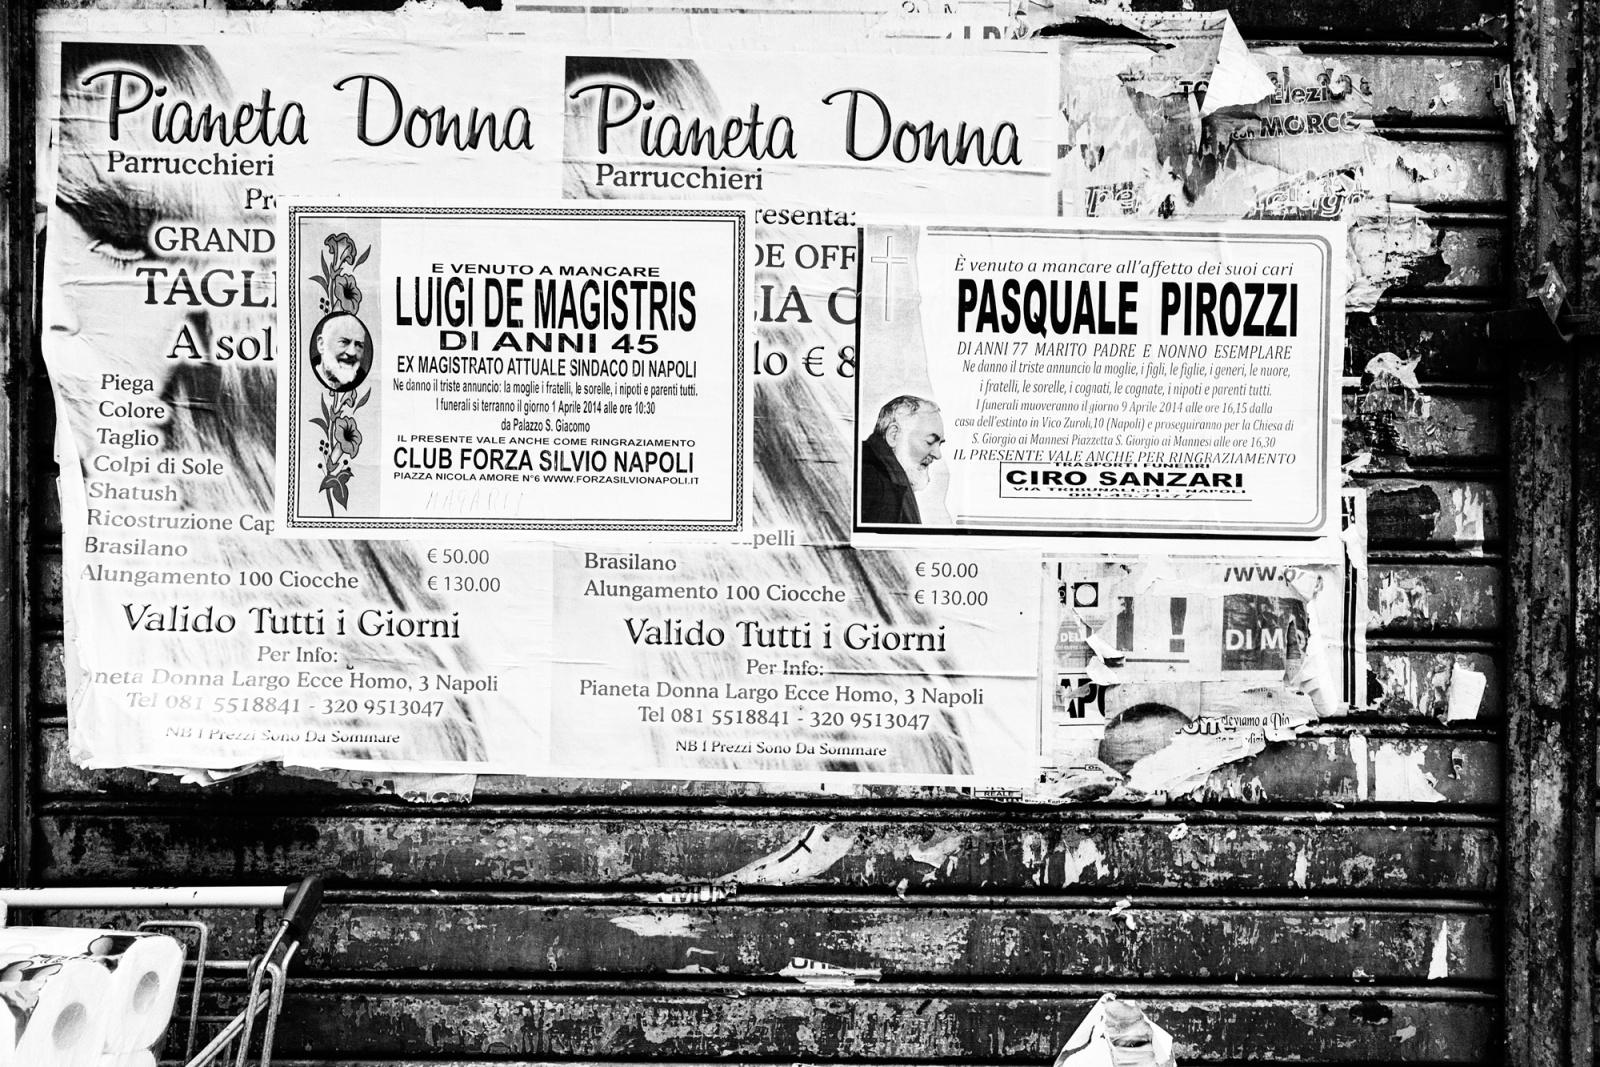 Luigi De Magistris, sindaco di Napoli - Un modo bizzarro col quale i napoletani dimostrano il proprio affetto per il loro primo cittadino - Napoli, 2015